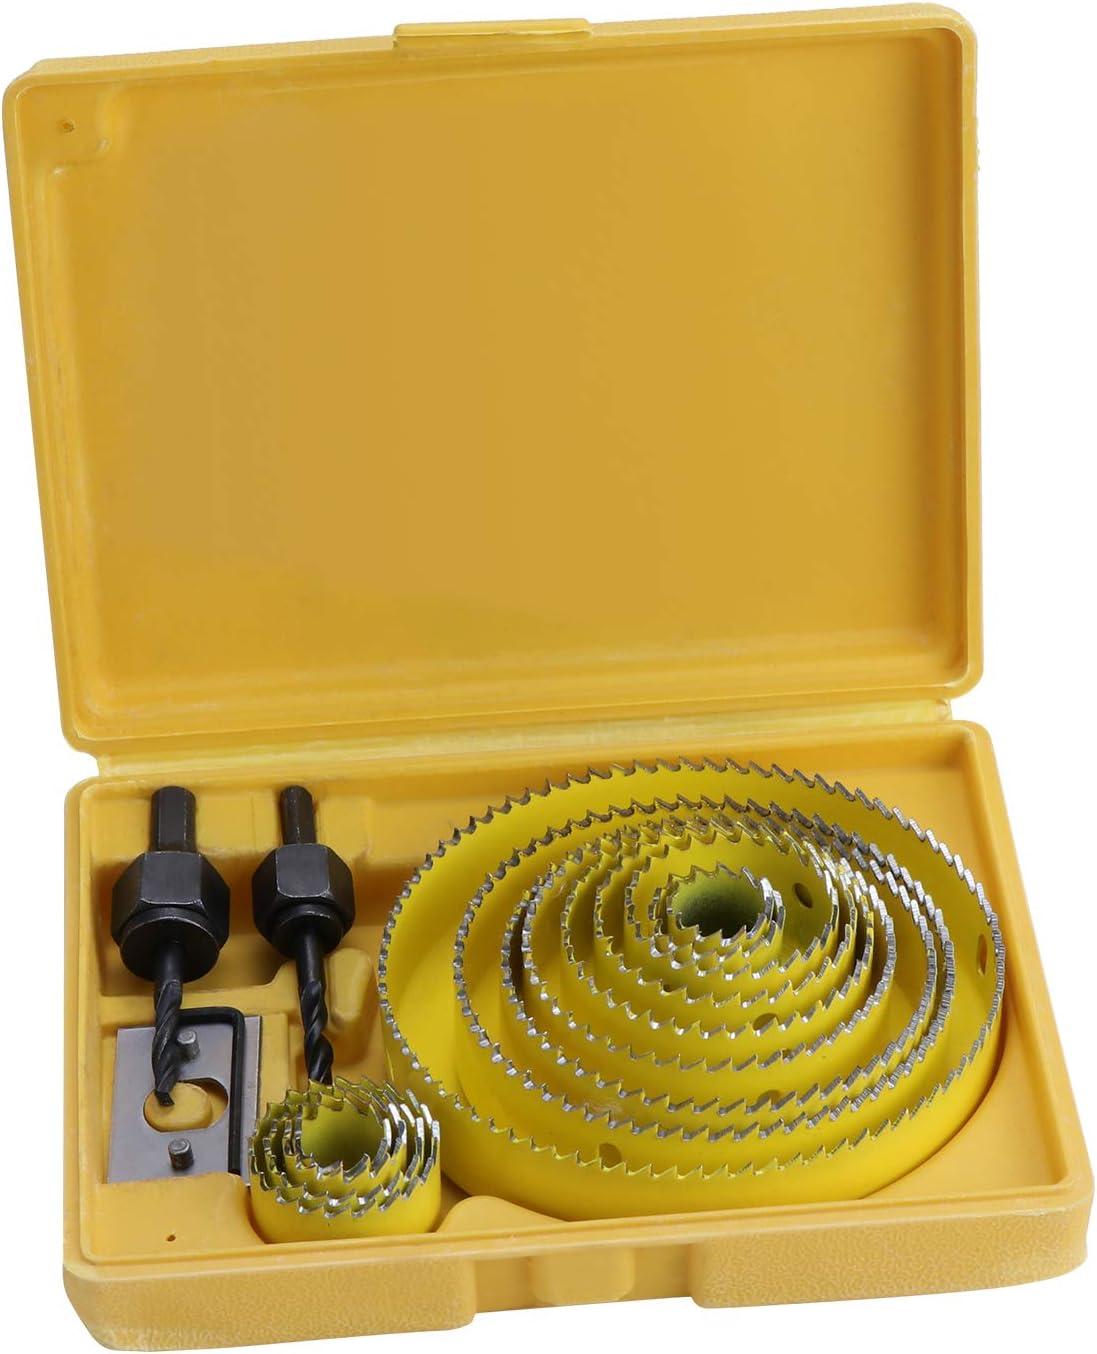 HSEAMALL Juego de 17 sierras de agujero de acero al carbono de 19 – 127 mm, herramientas de brocas para madera, placas de yeso, plástico